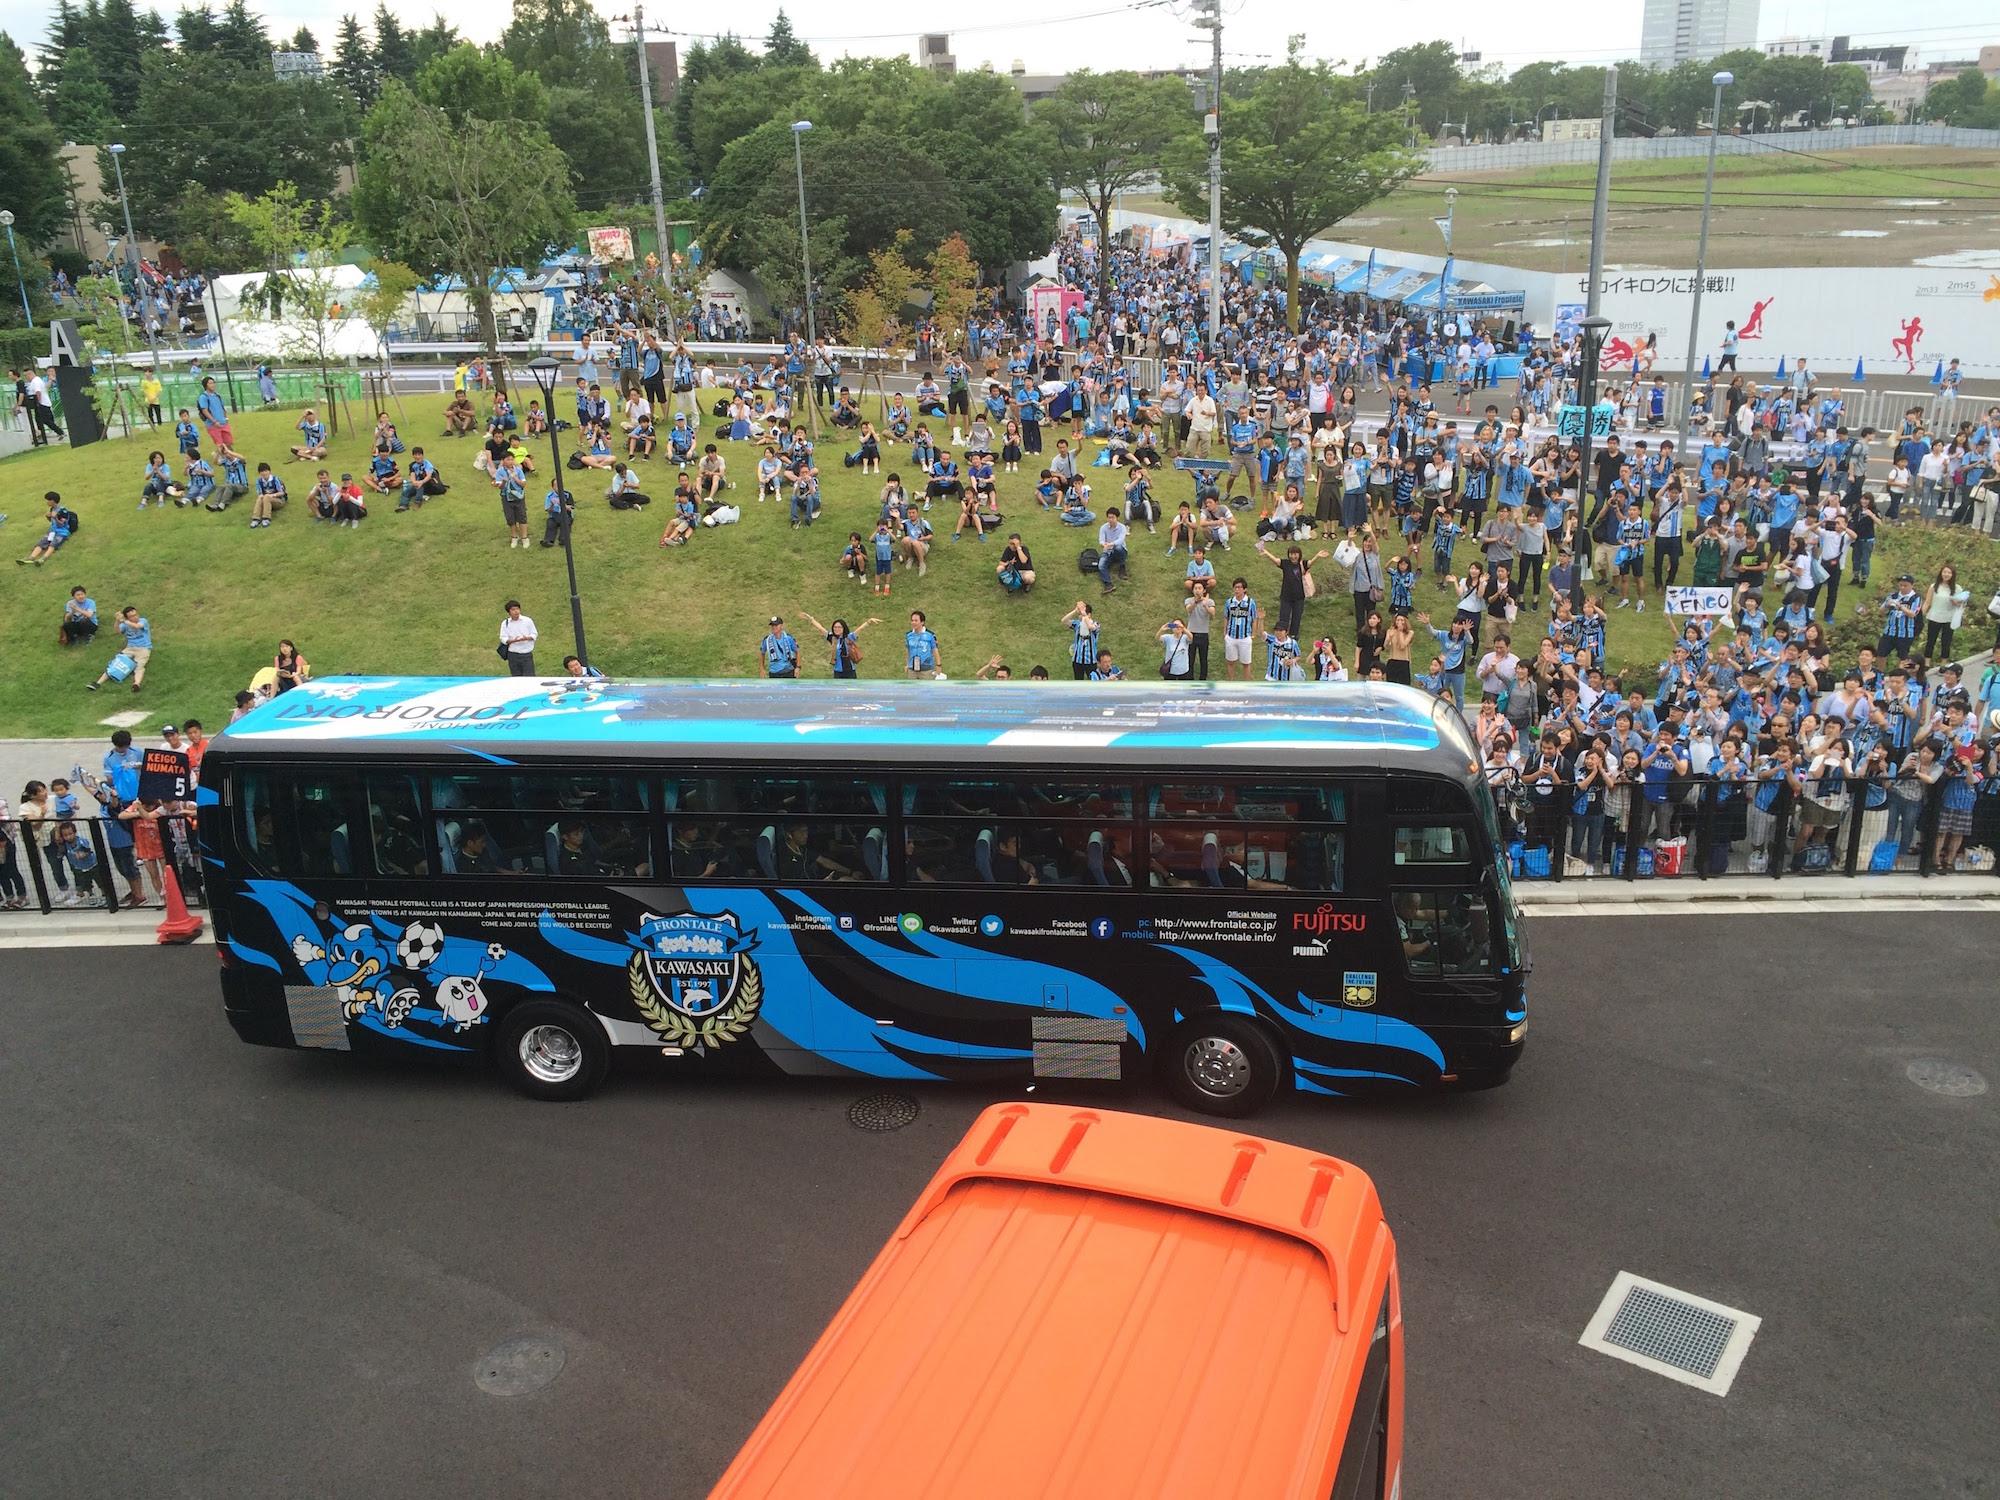 川崎フロンターレの選手バス